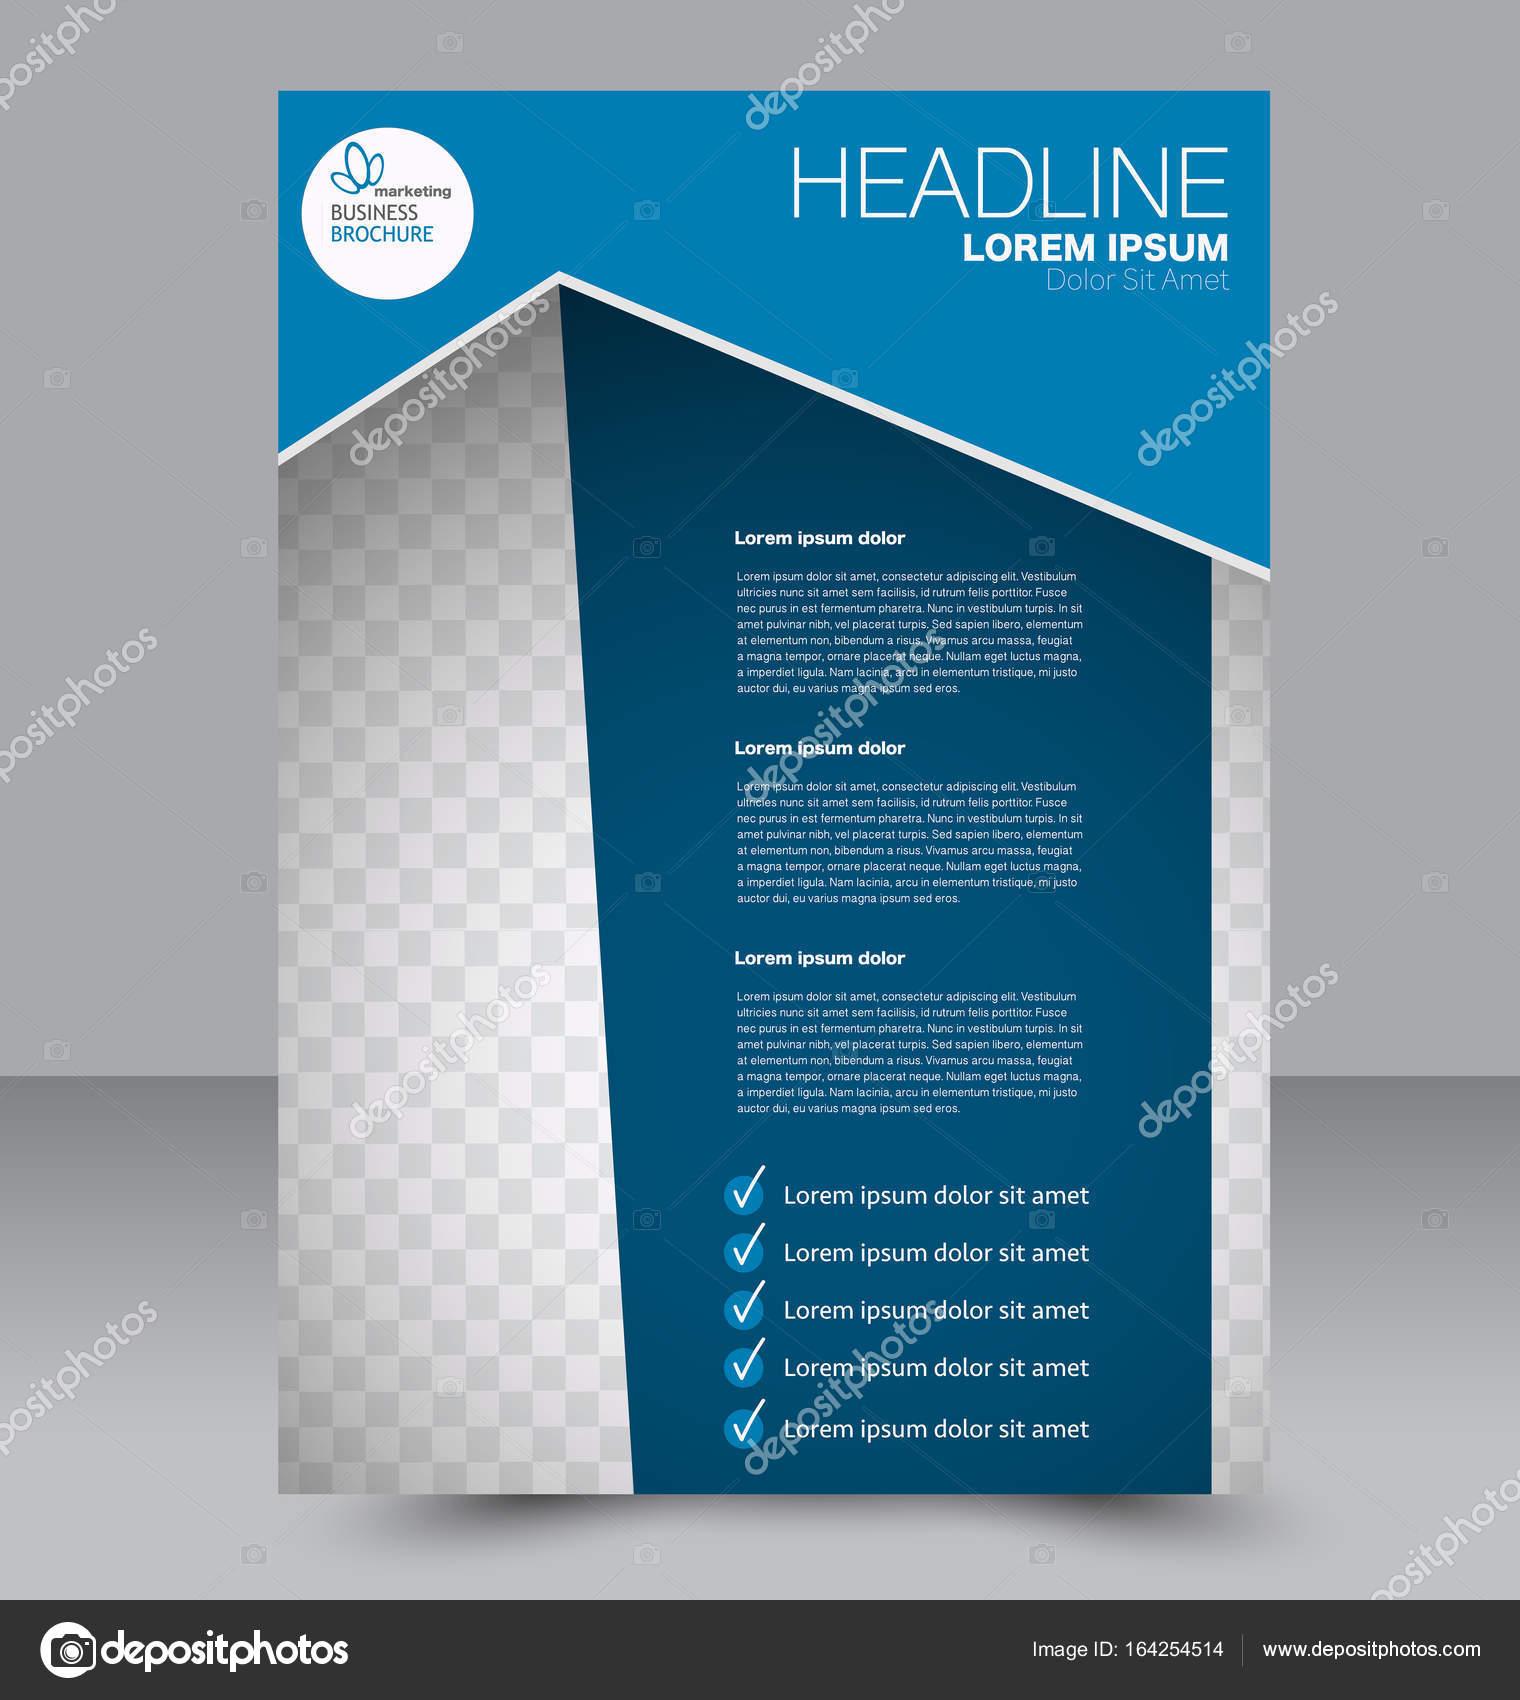 Charmant Wort 2010 Broschüre Vorlage Zeitgenössisch - Entry Level ...